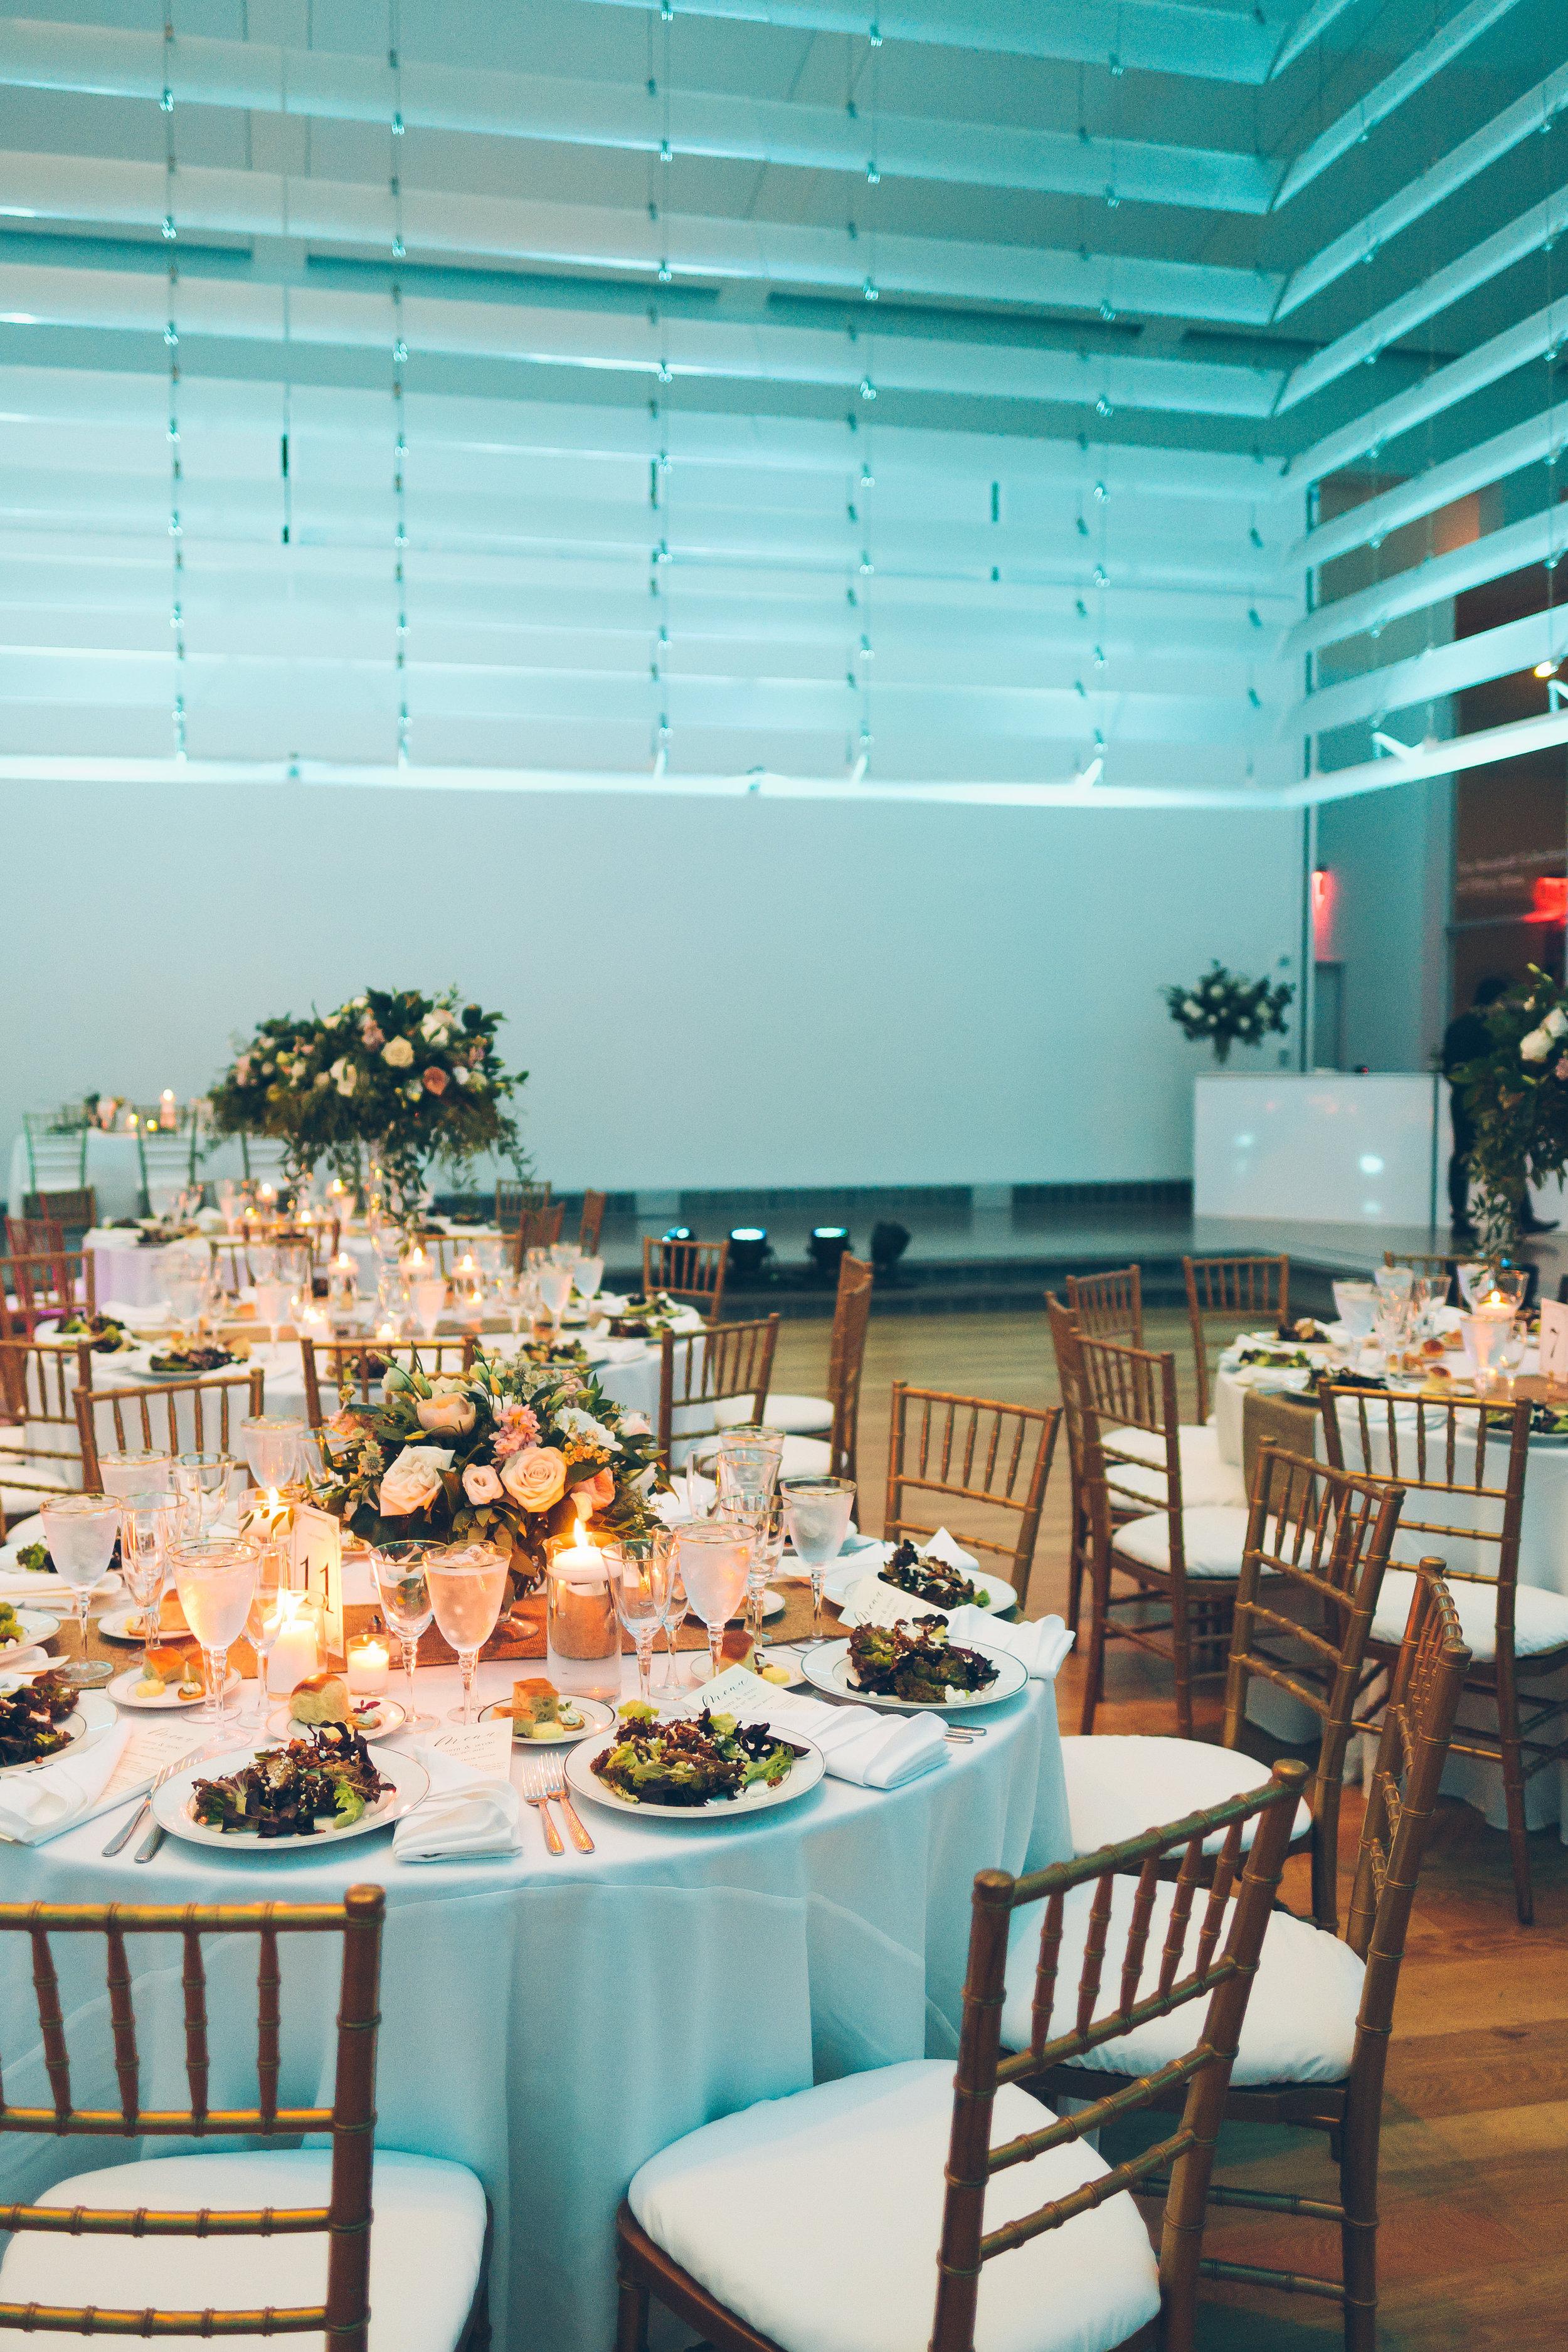 JUDITH-IRVING-NYC-WEDDING-DETAILS-CYNTHIACHUNG-0119.jpg